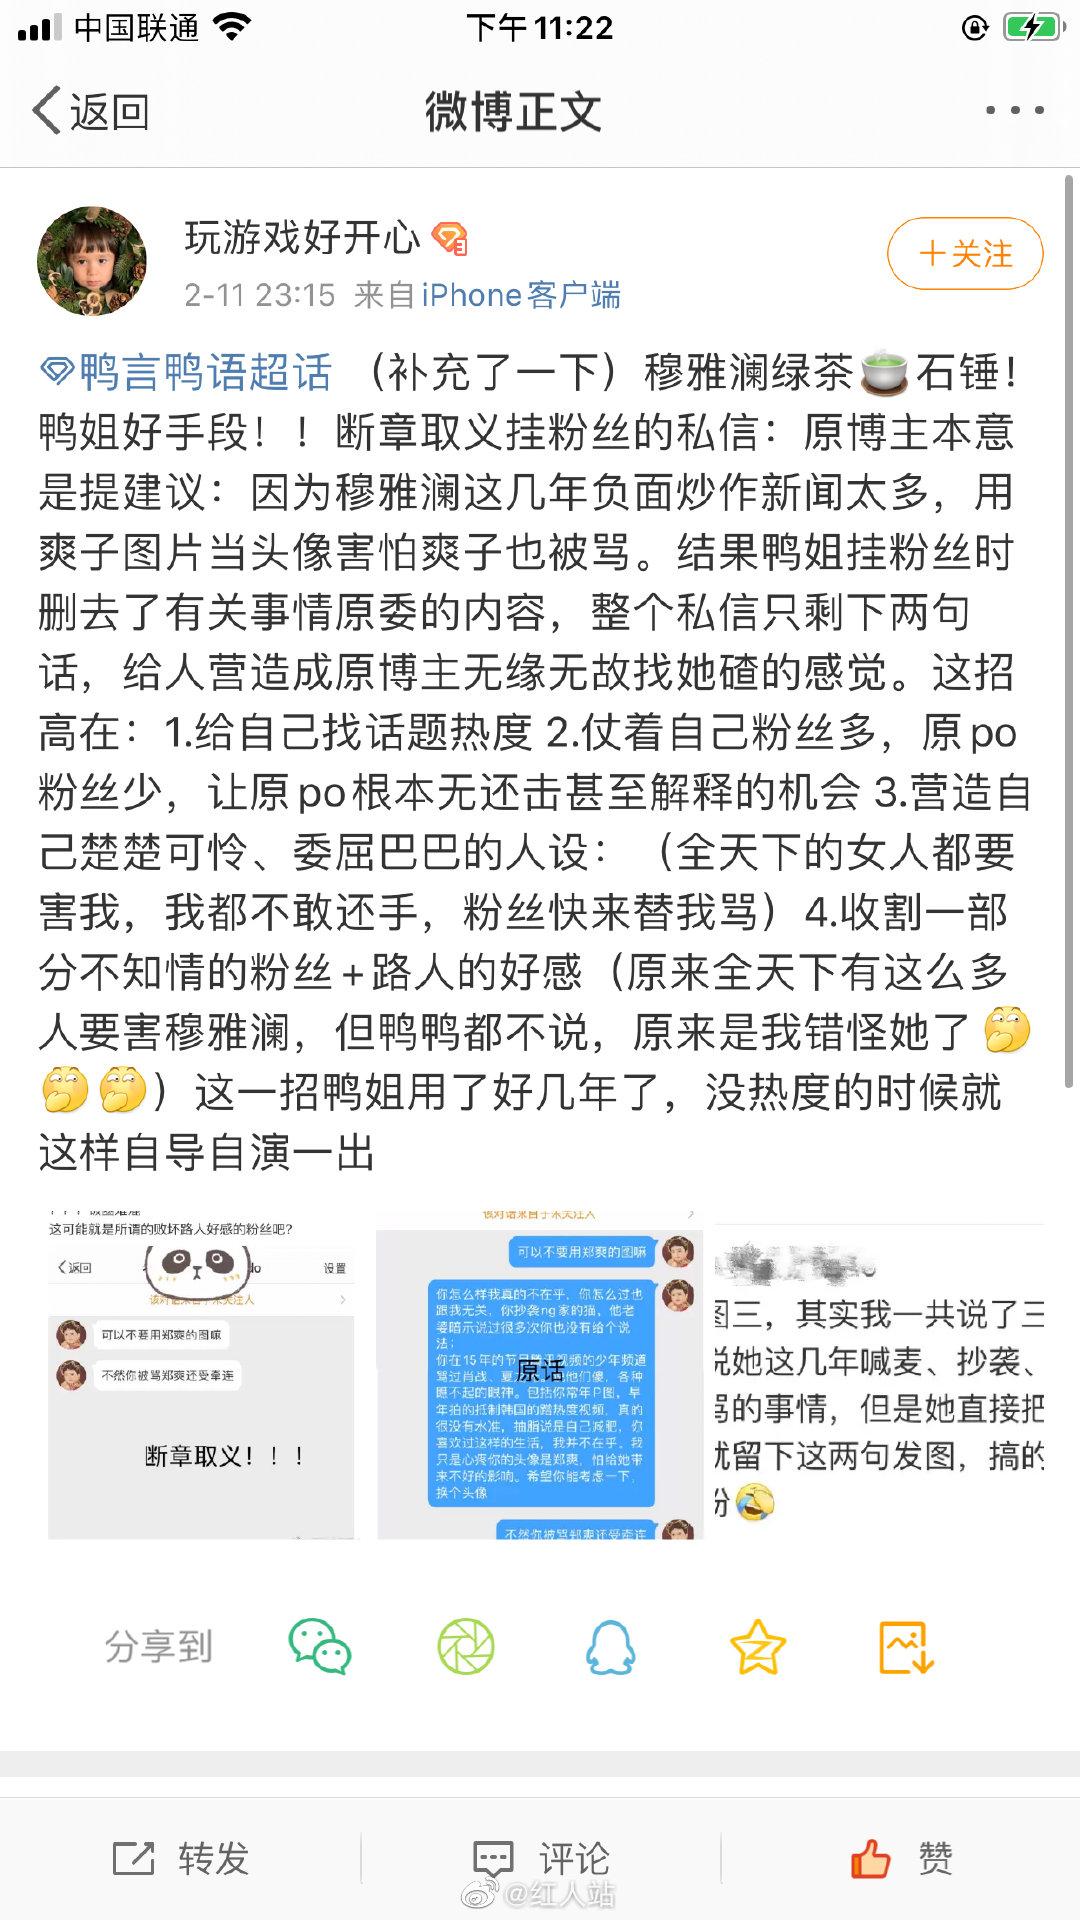 网友投稿,穆雅斓断章取义郑爽粉丝的私信